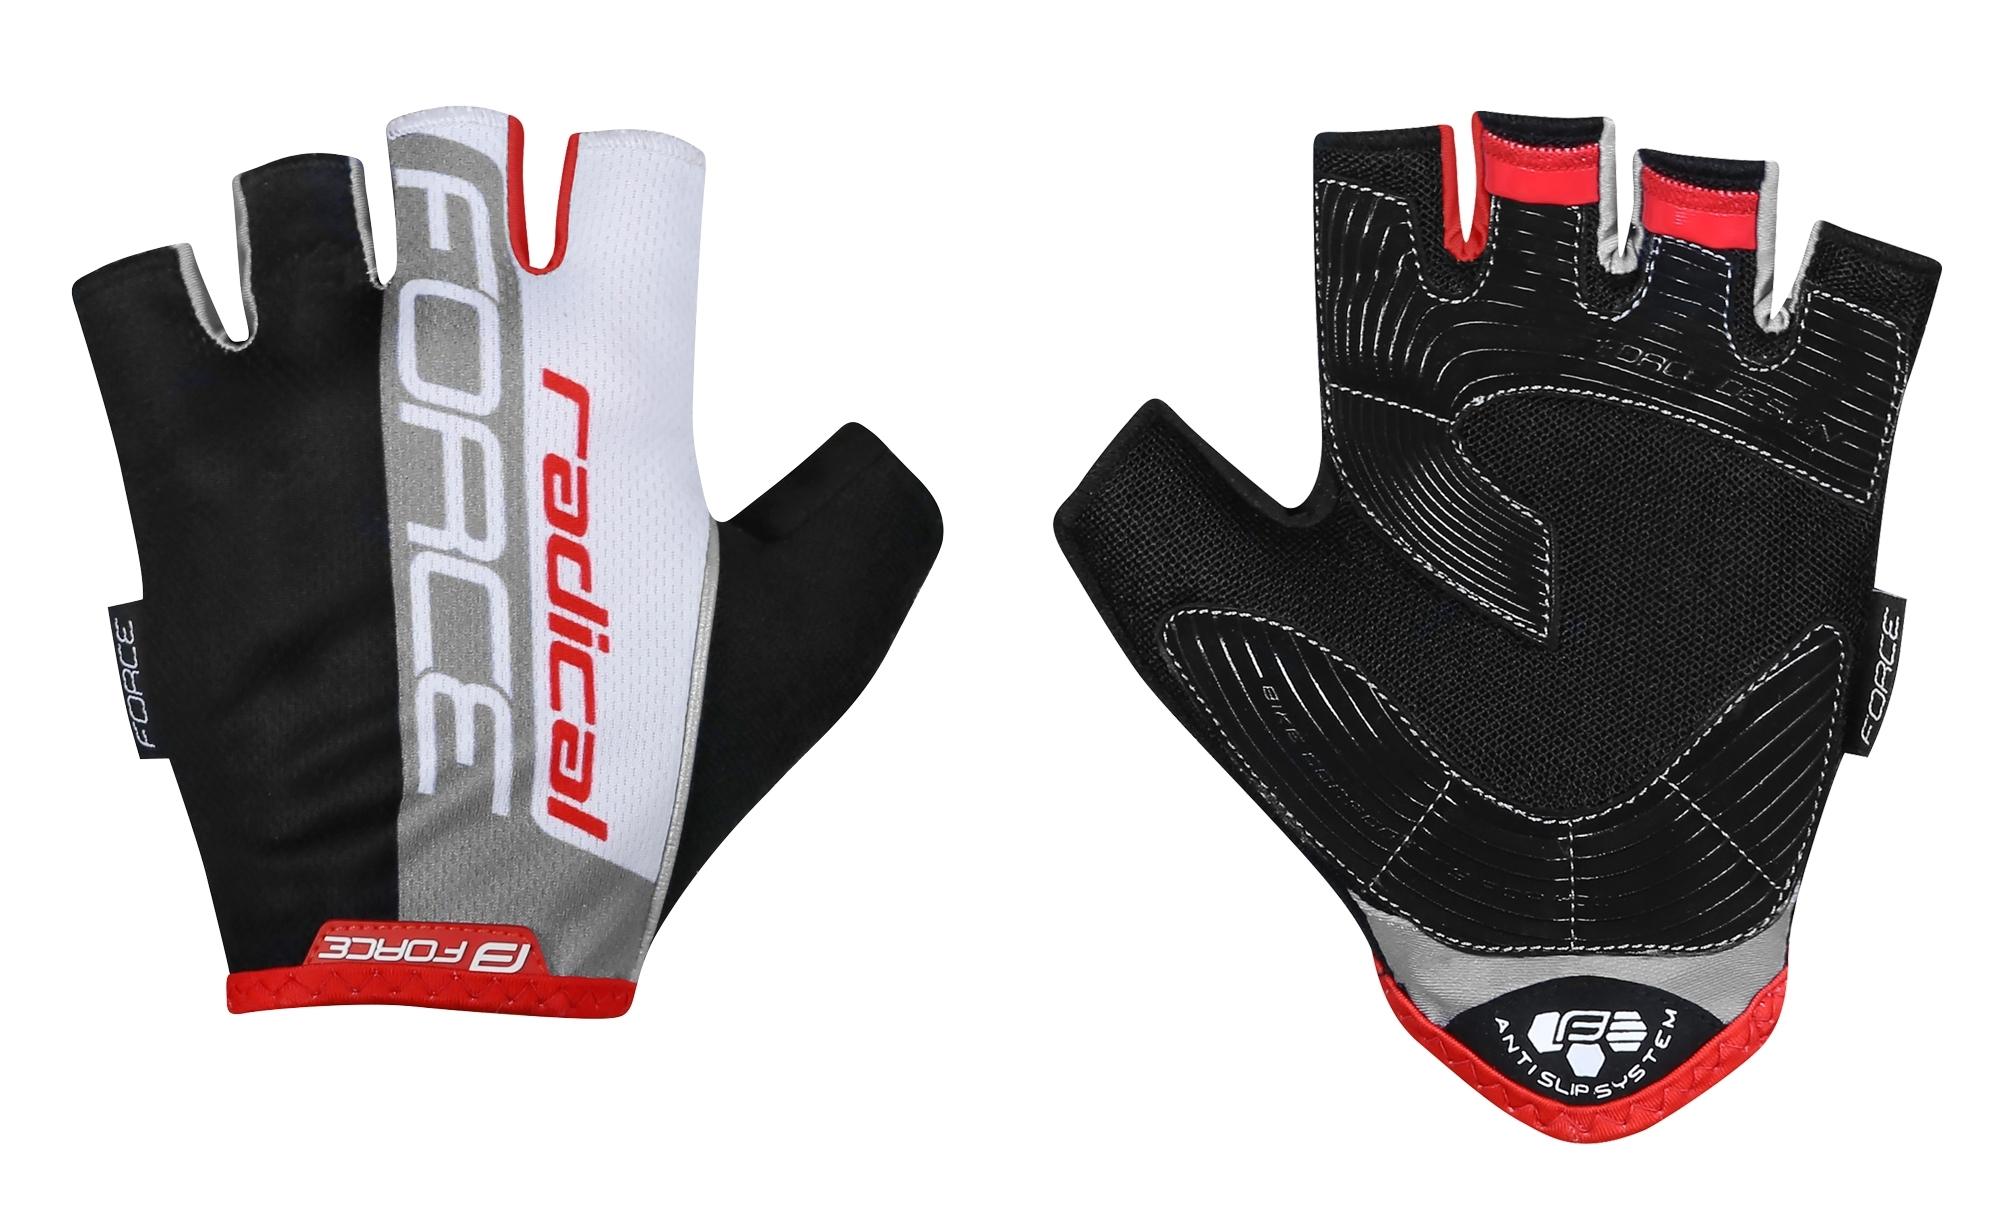 rukavice FORCE RADICAL, černo-bílo-červené XL